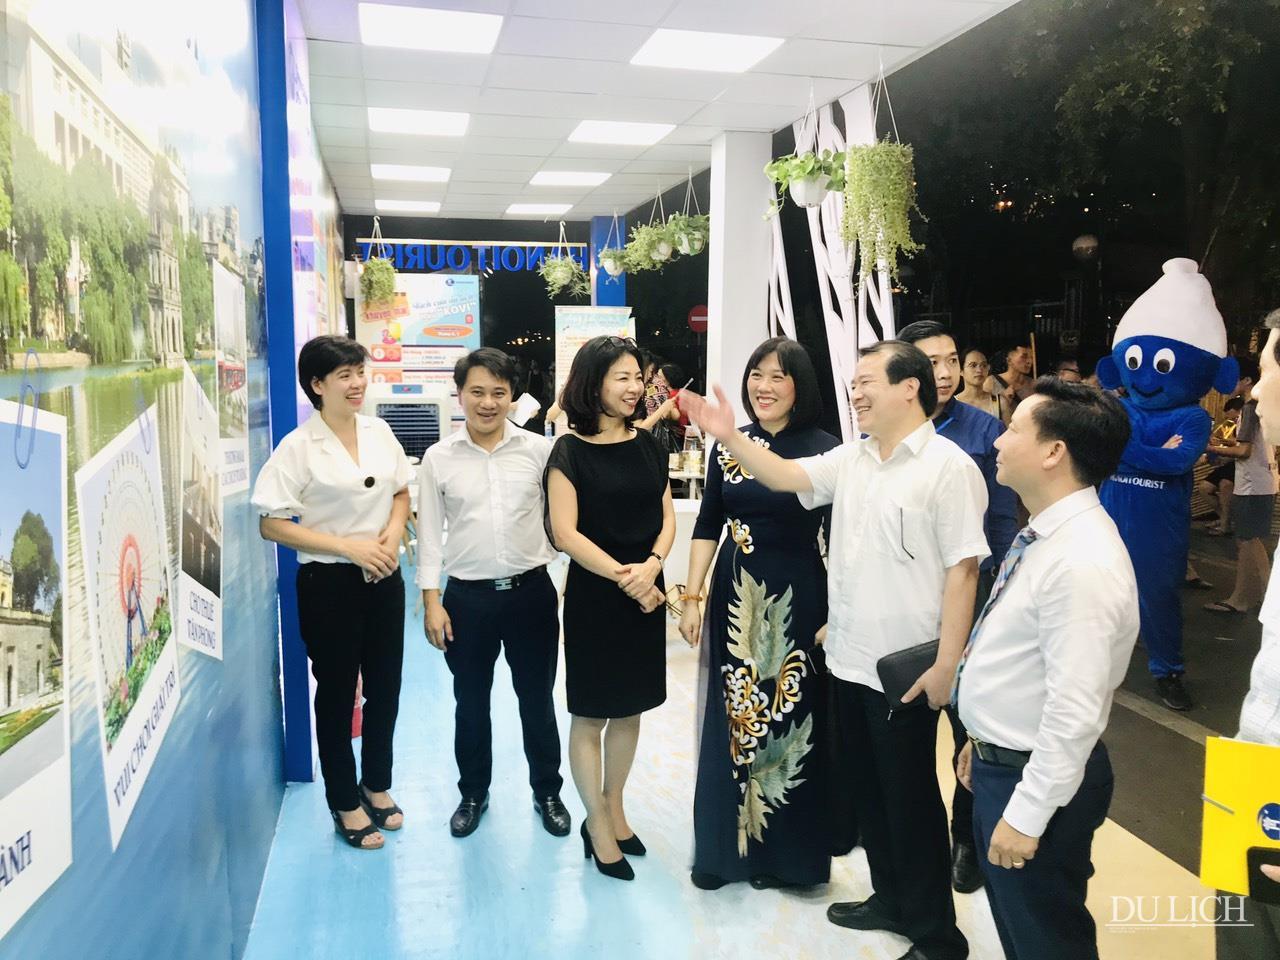 Phó Tổng cục trưởng TCDL Hà Văn Siêu cùng các đại biểu tham quan gian hàng của Hanoitourist